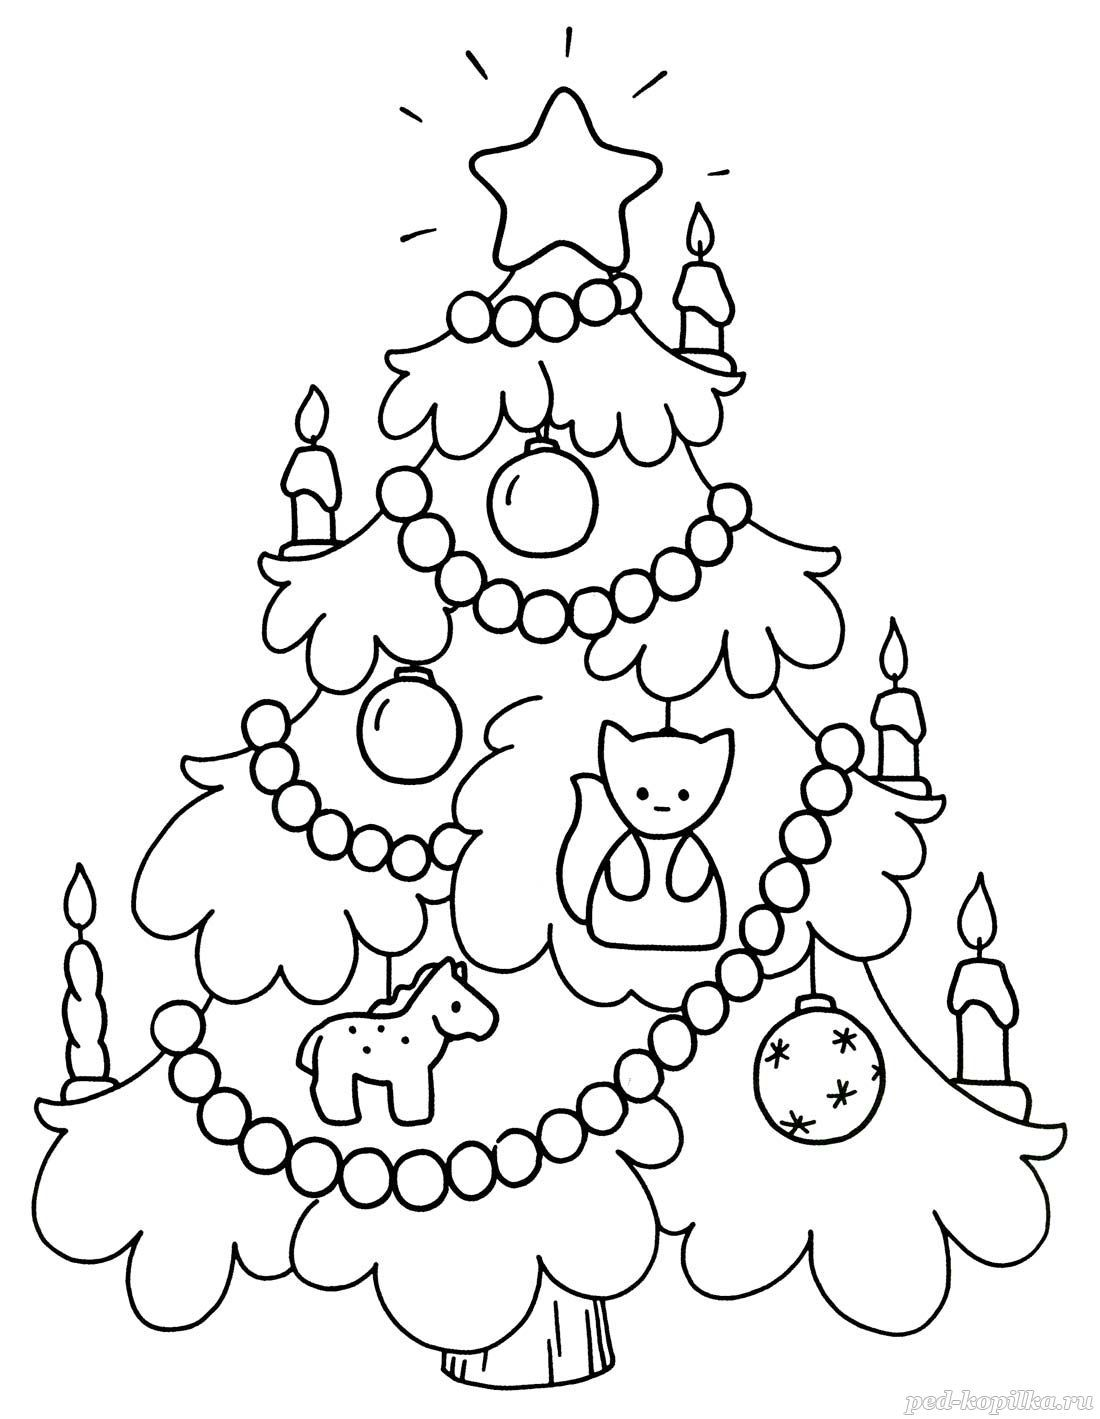 Картинки новогодние черно-белые распечатать, открытки годом обезьяны